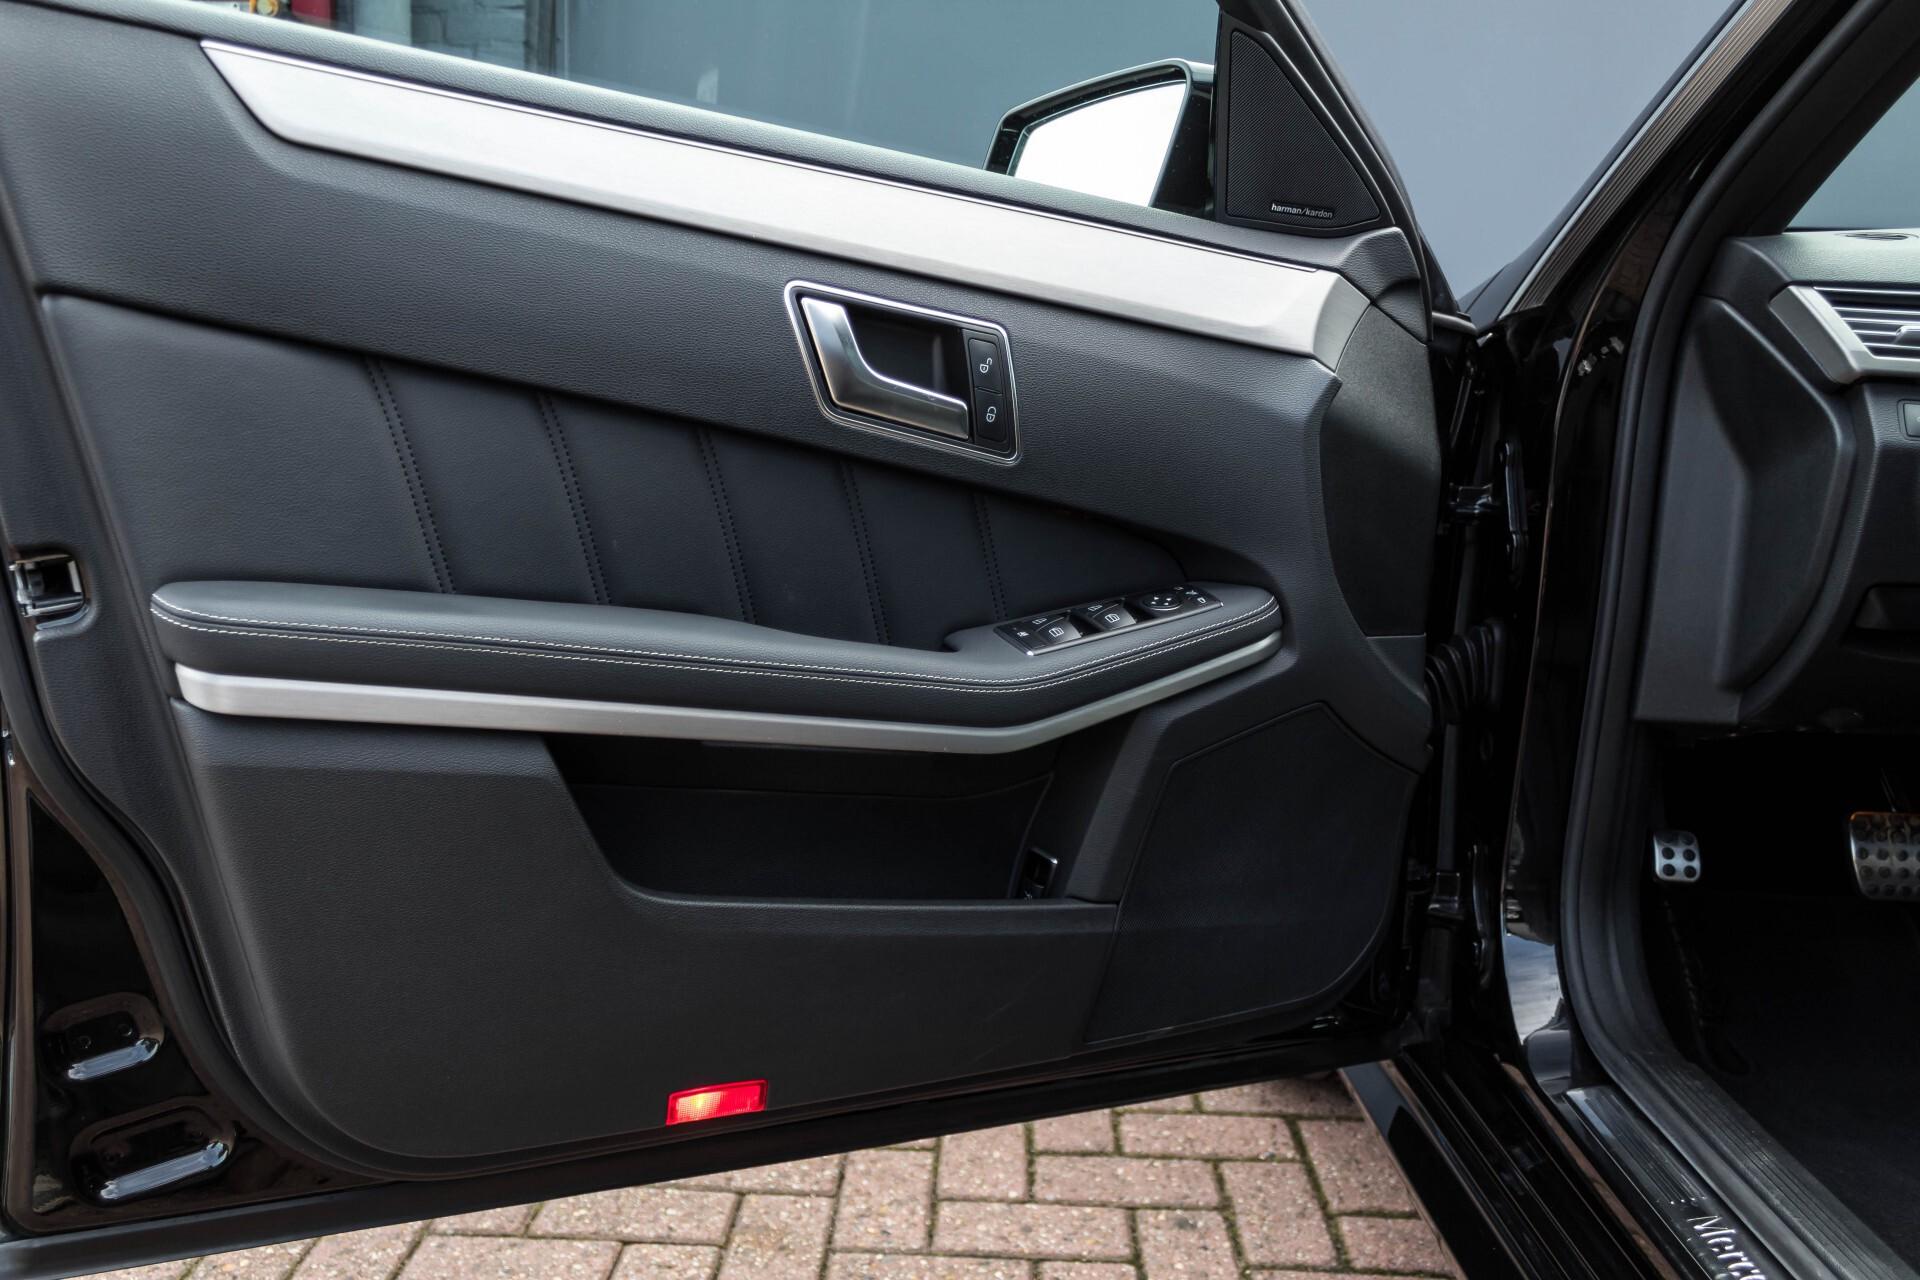 Mercedes-Benz E-Klasse Estate 350 Cdi AMG Luchtvering/Schuifdak/Comand/Harman Kardon/ILS Aut7 Foto 16